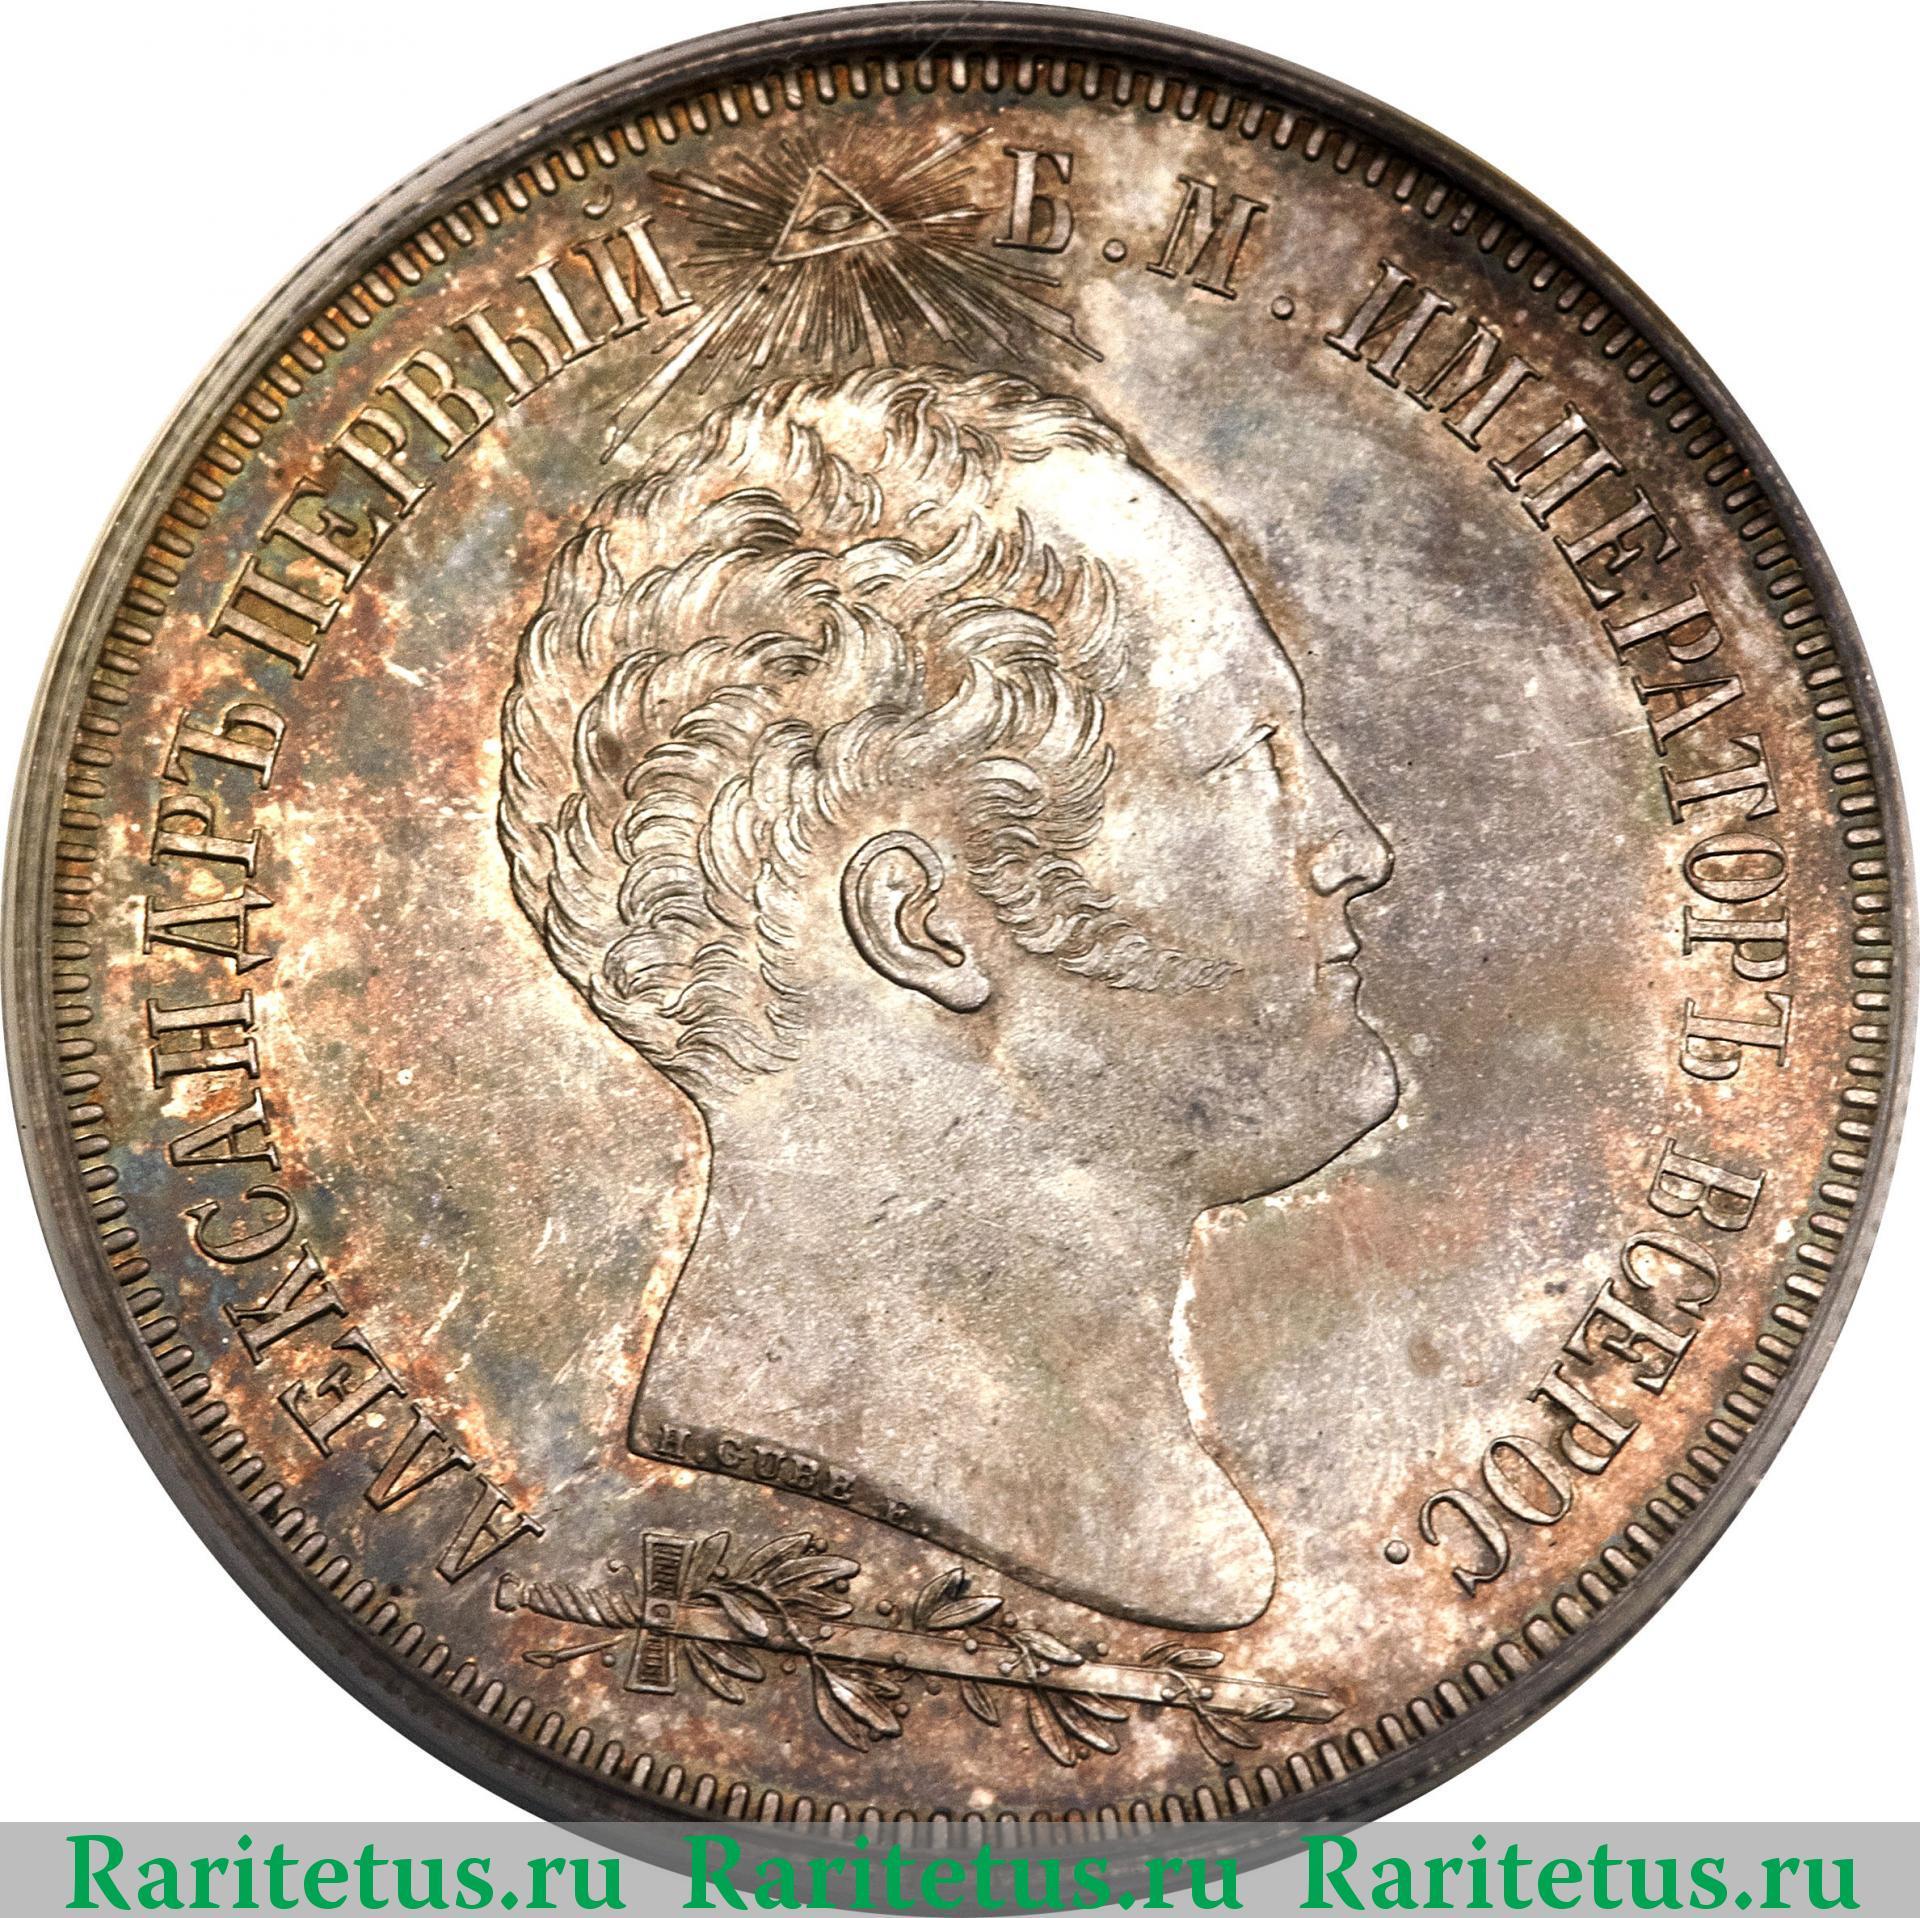 Монеты рублевые бородино стоимость 30 копеек 2 злотых 1837